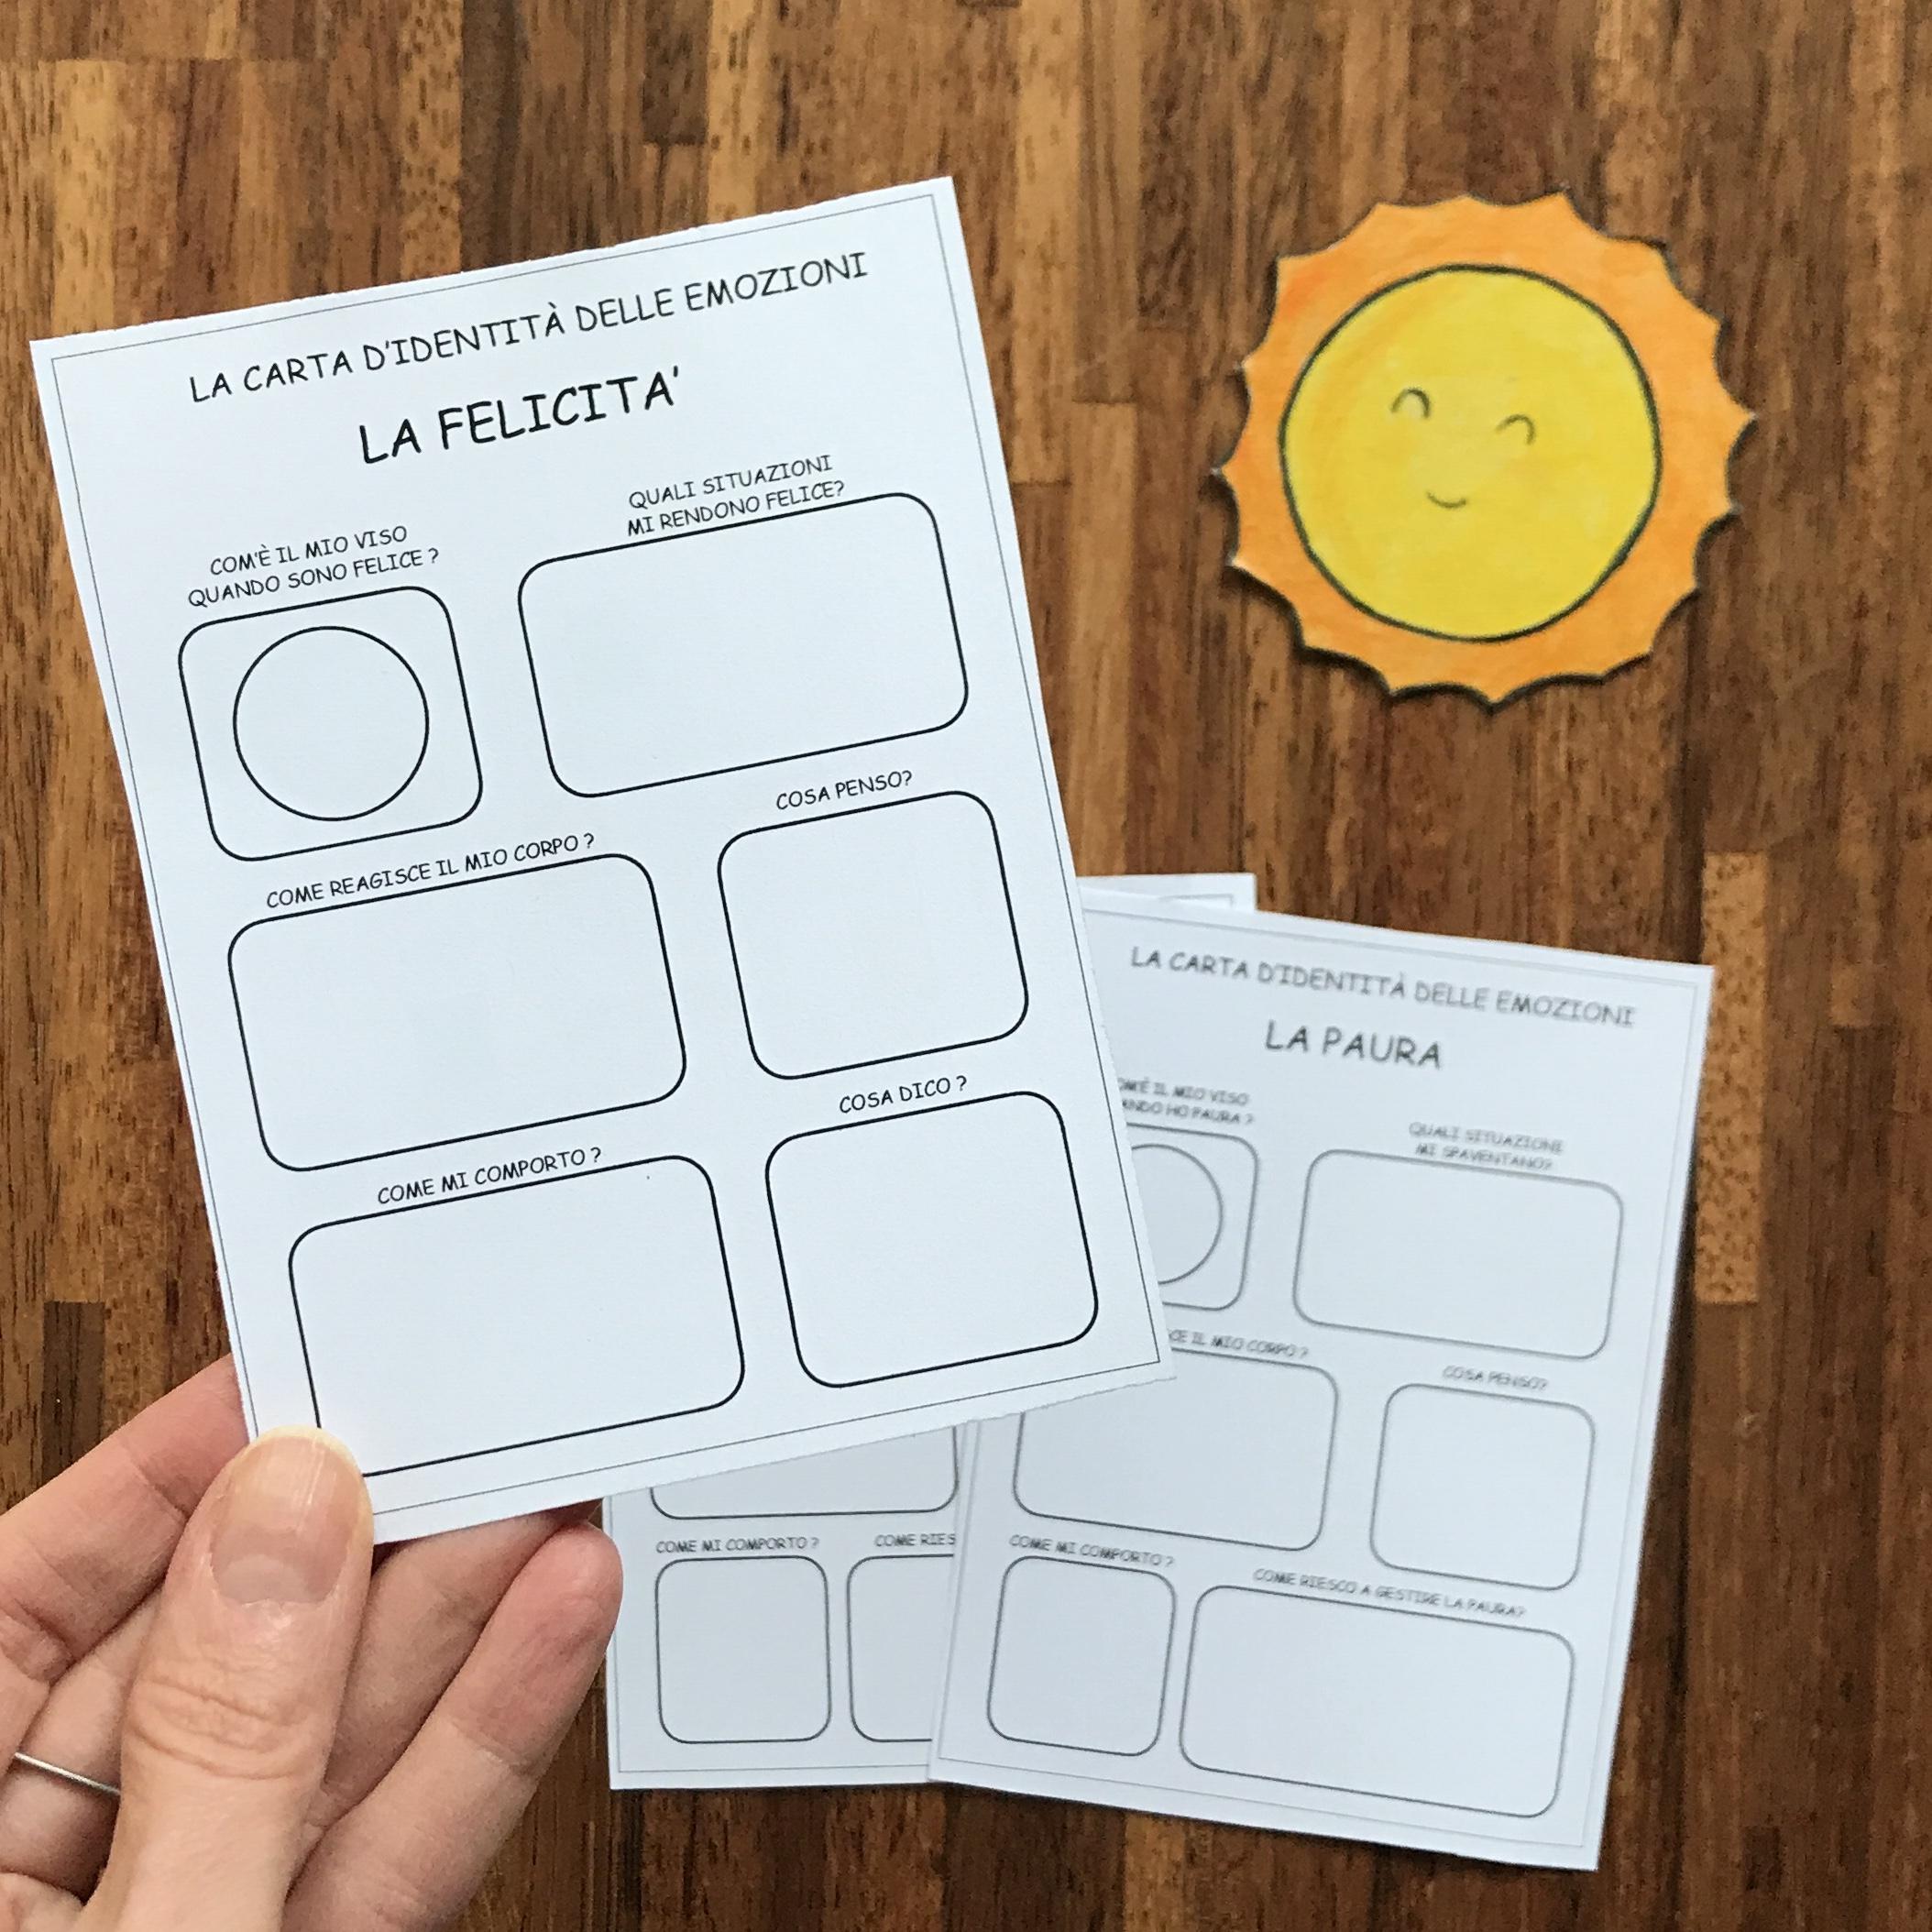 Carta d'identità delle emozioni da stampar